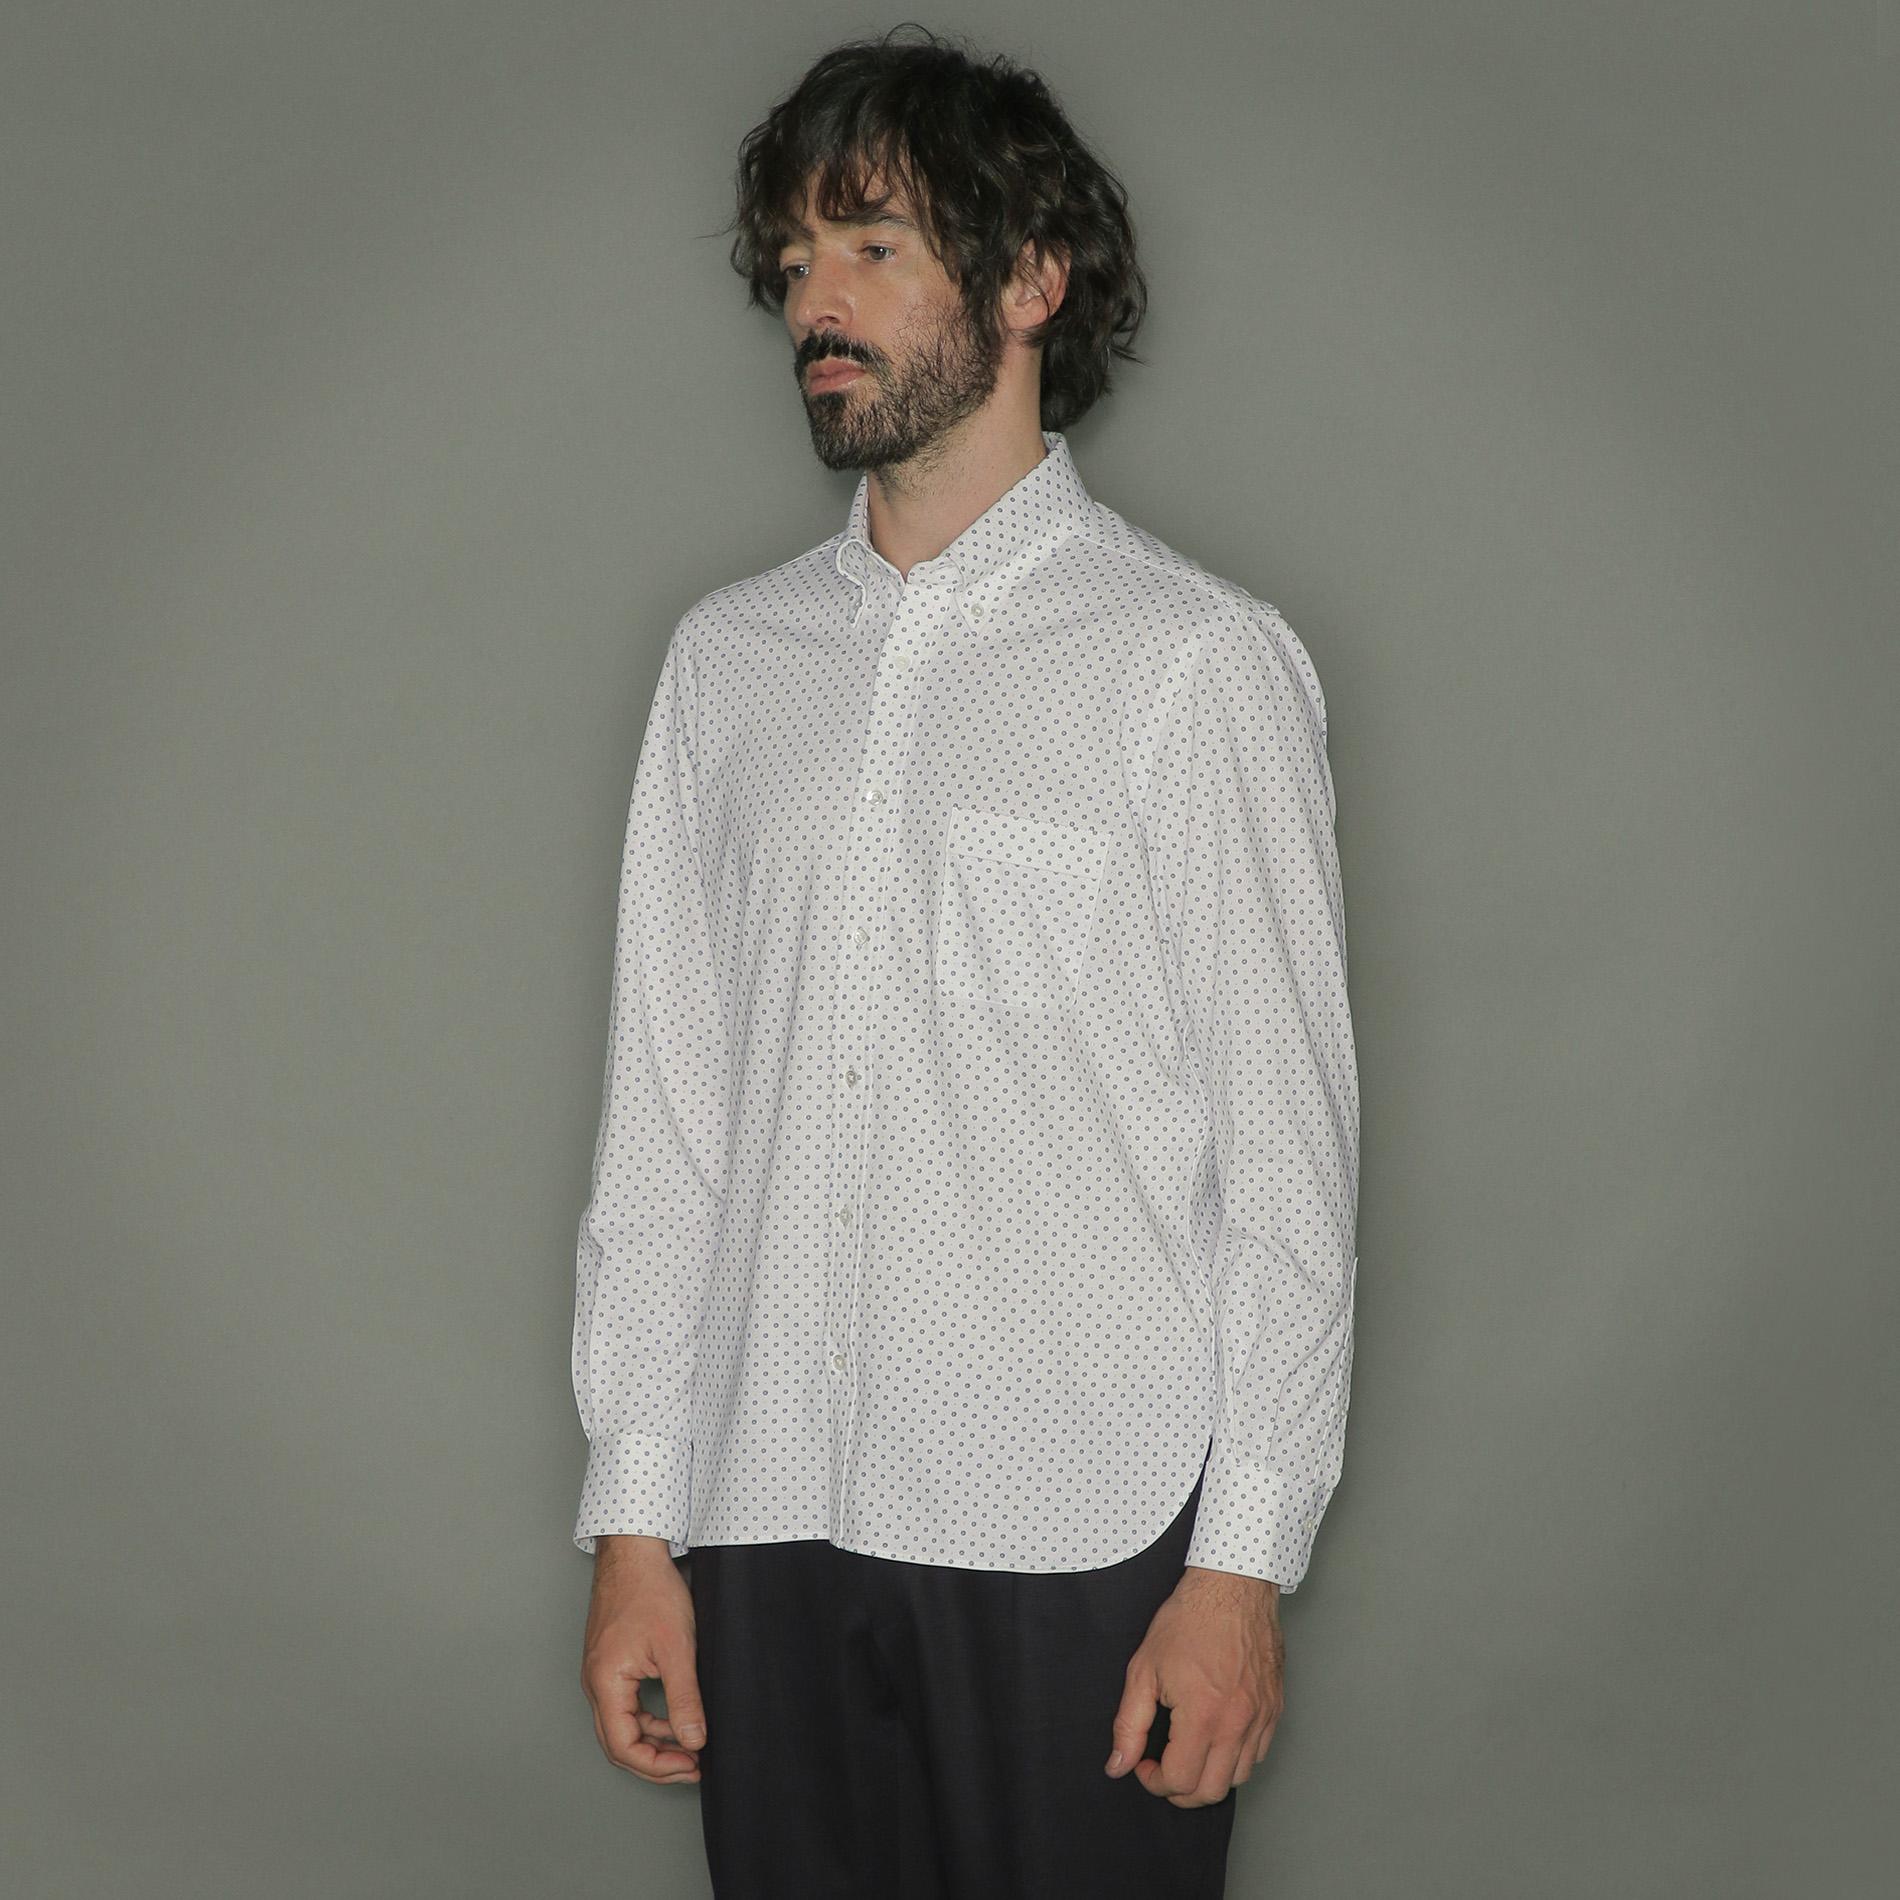 【FLEX JERSEY】小紋プリントジャージシャツ